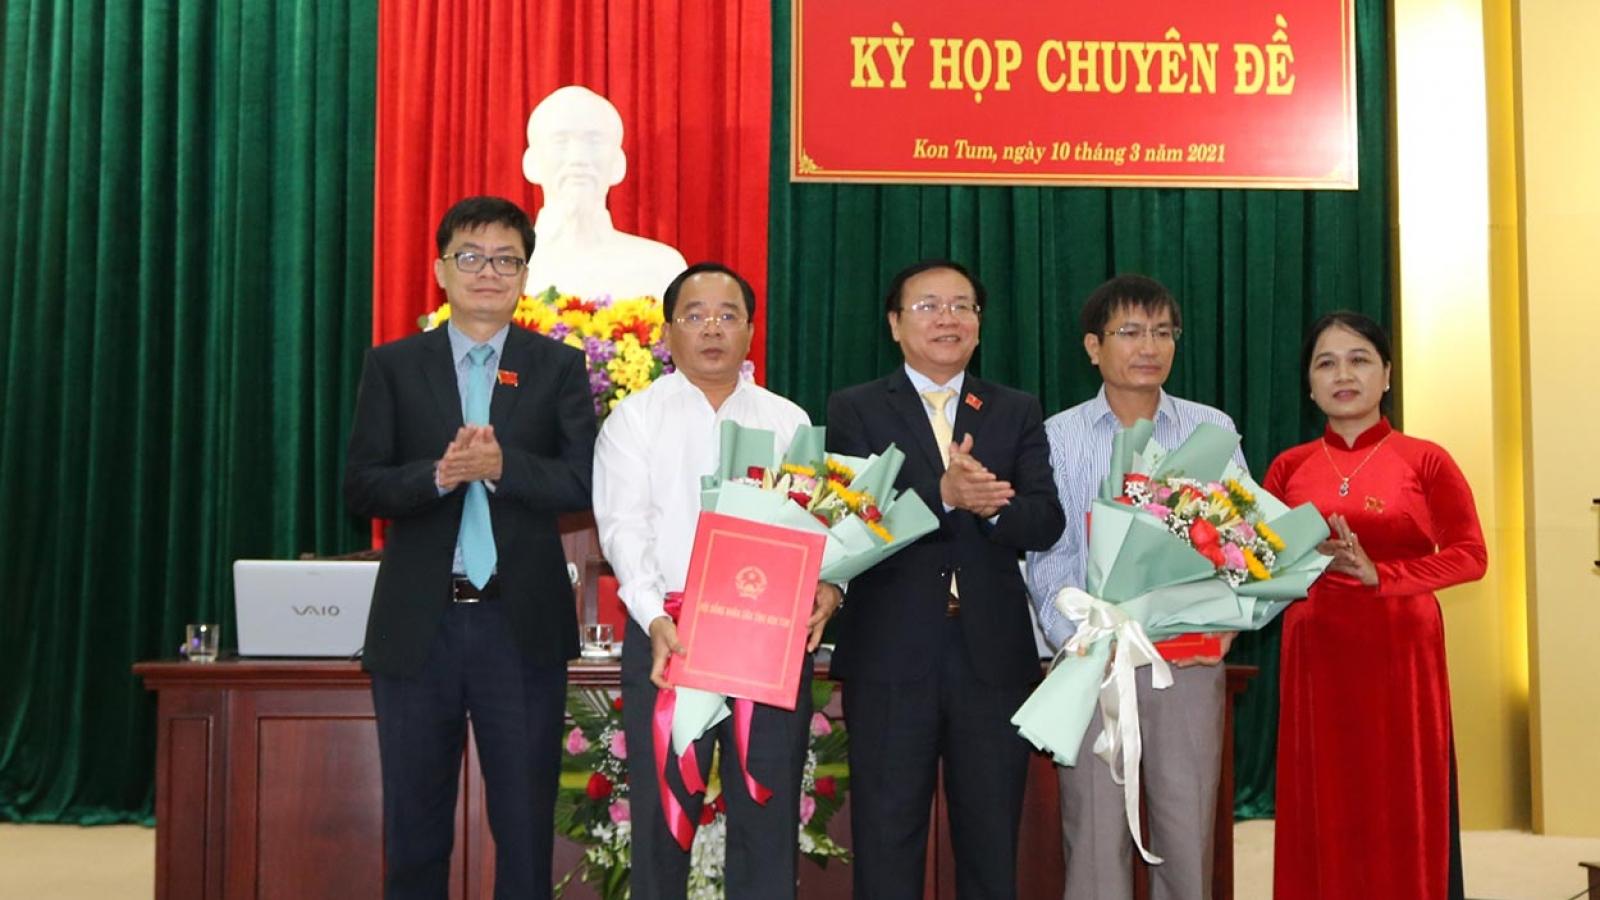 Bí thư Huyện ủy Sa Thầy được bầu làm Phó Chủ tịch tỉnh Kon Tum